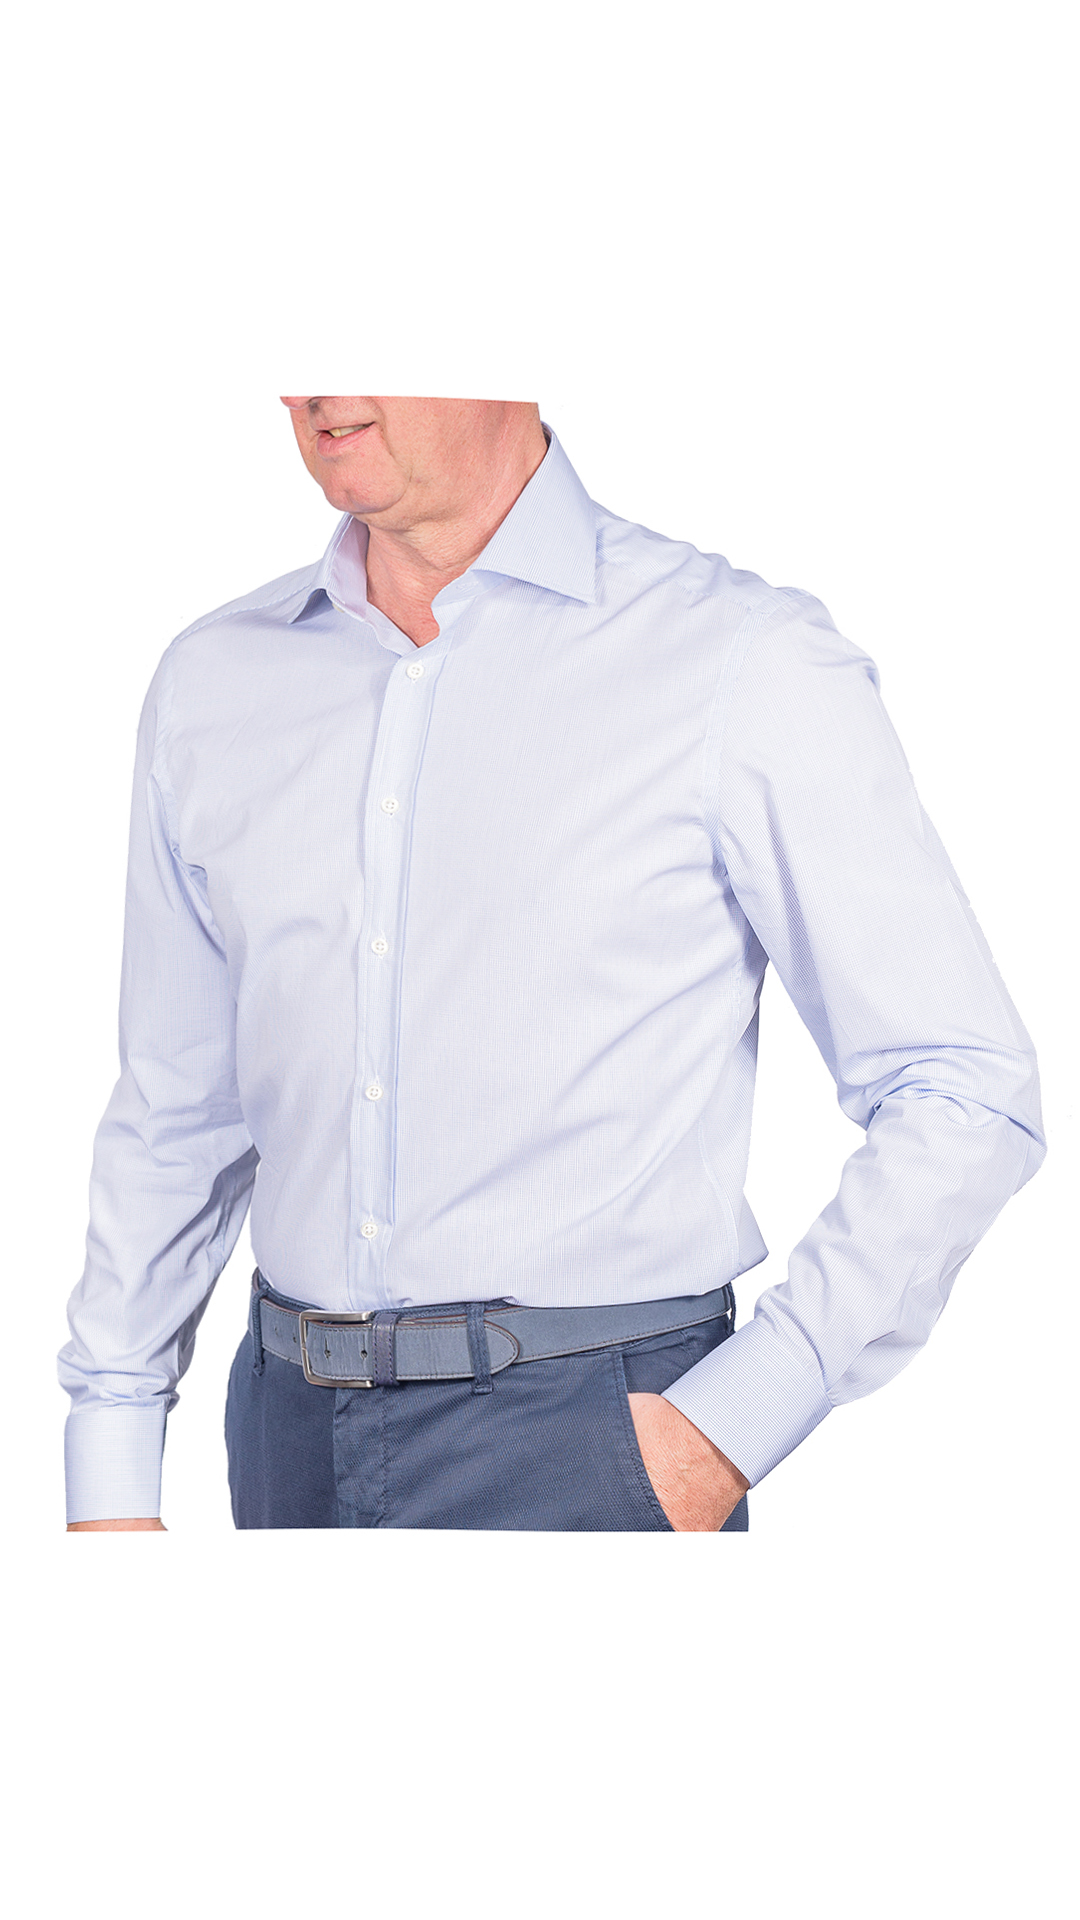 LUXURYJT0097 CAMICIA UOMO DOPPIO RITORTO MANICA LUNGA 1 1stAmerican camicia elegante da uomo in collo classico 100% cotone alta qualità doppio ritorto manica lunga – camicia sartoriale regular fit